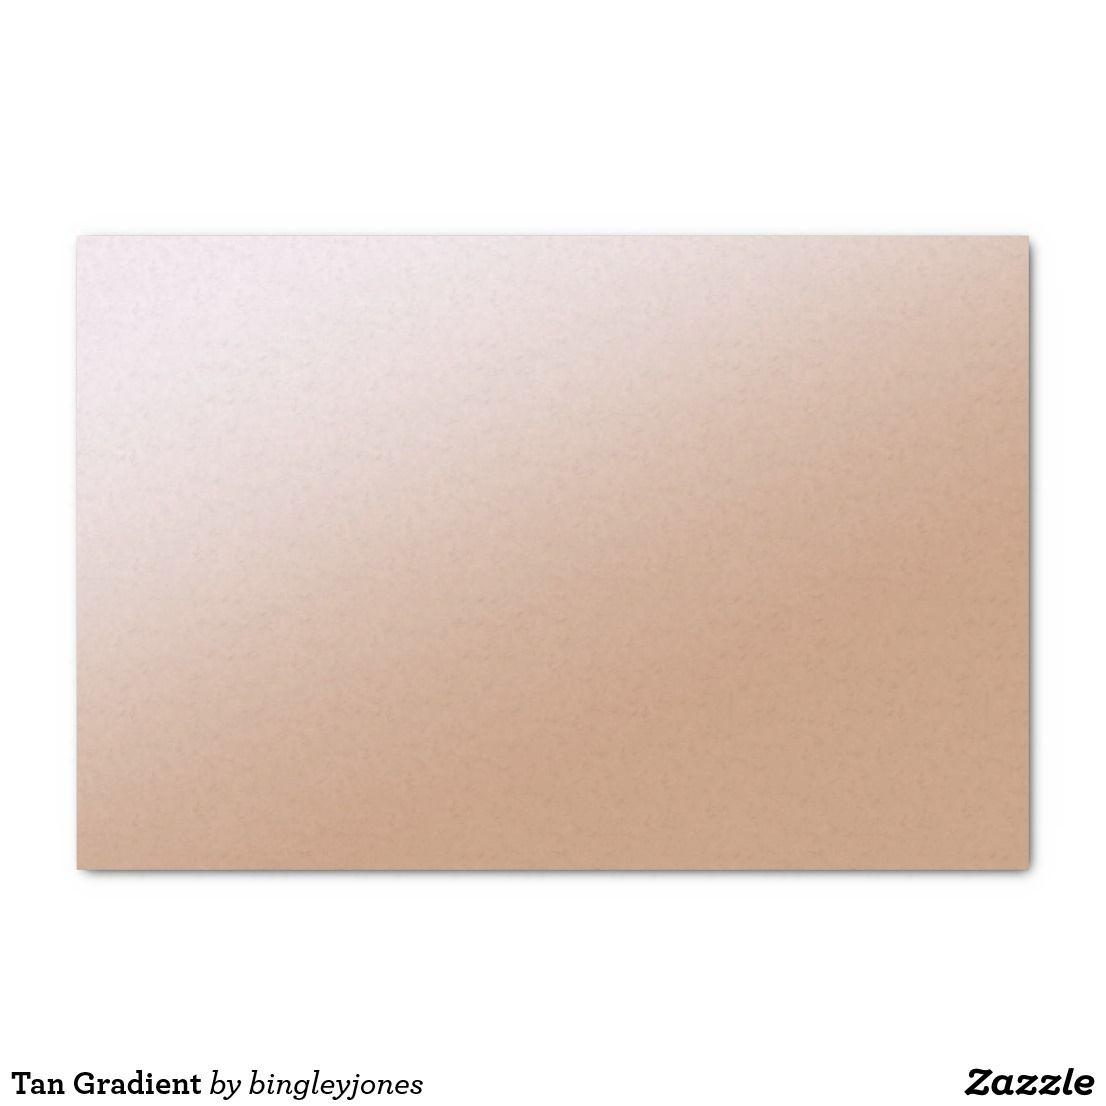 tan gradient tissue paper